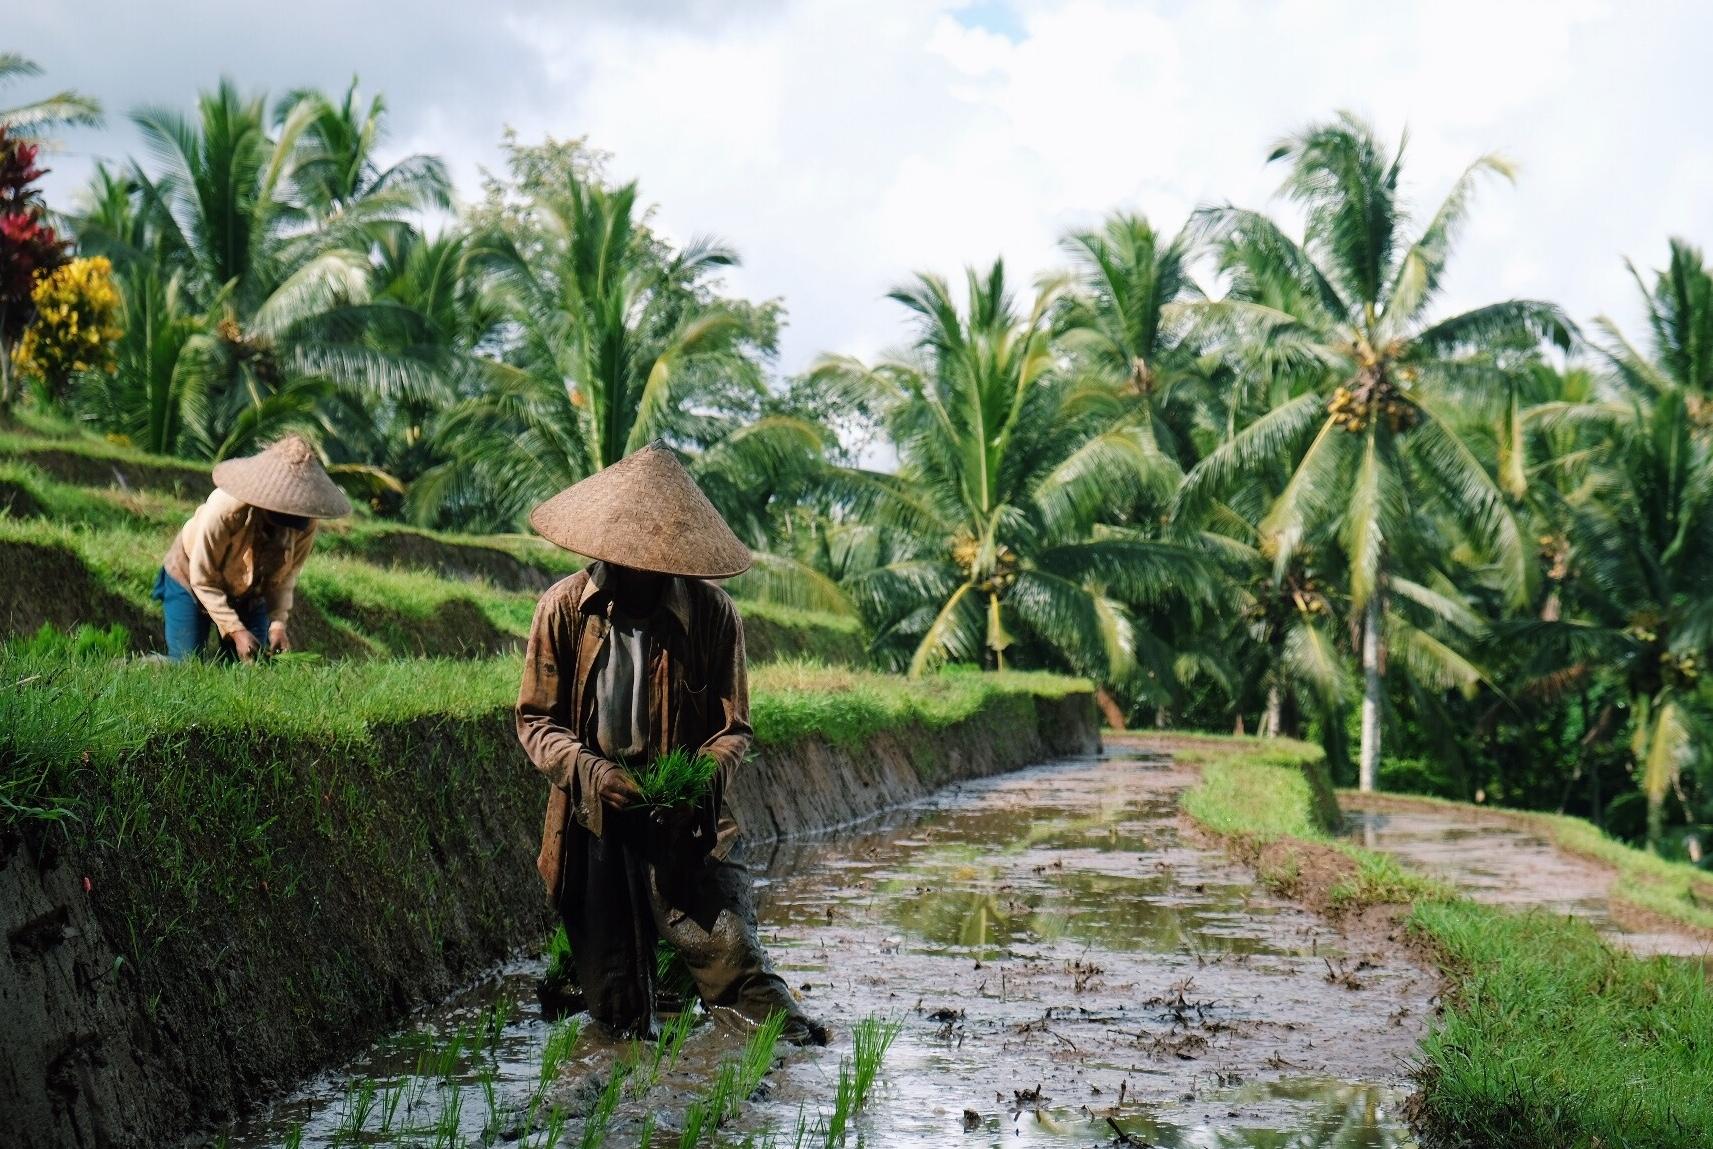 Rice planting in Megati, Bali.